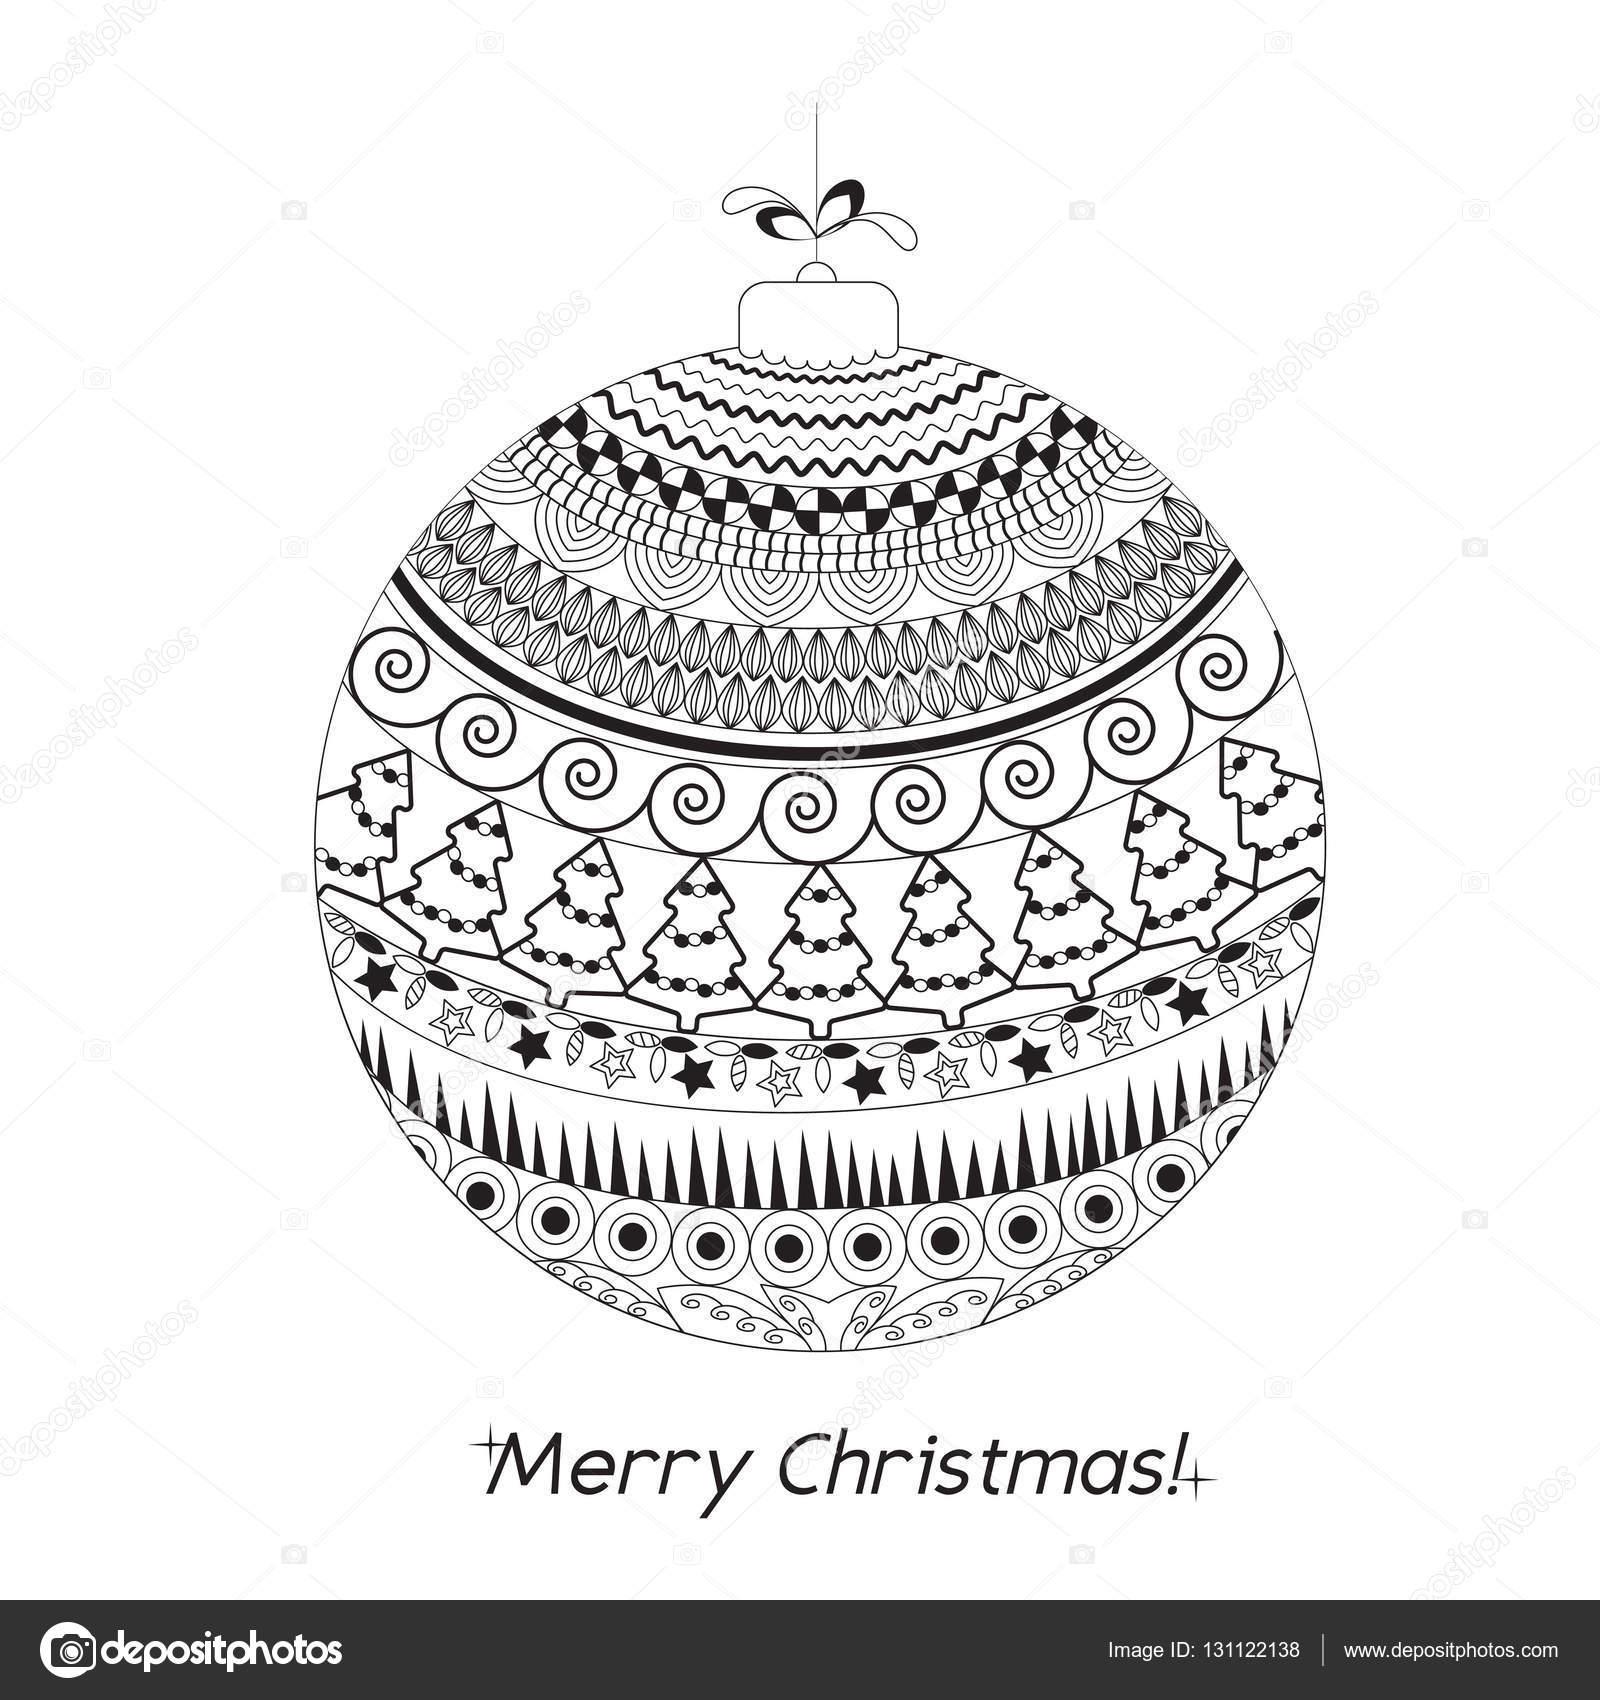 Grusskarte Weihnachten mit Hand gezeichneten Ball mit dekorativen ...